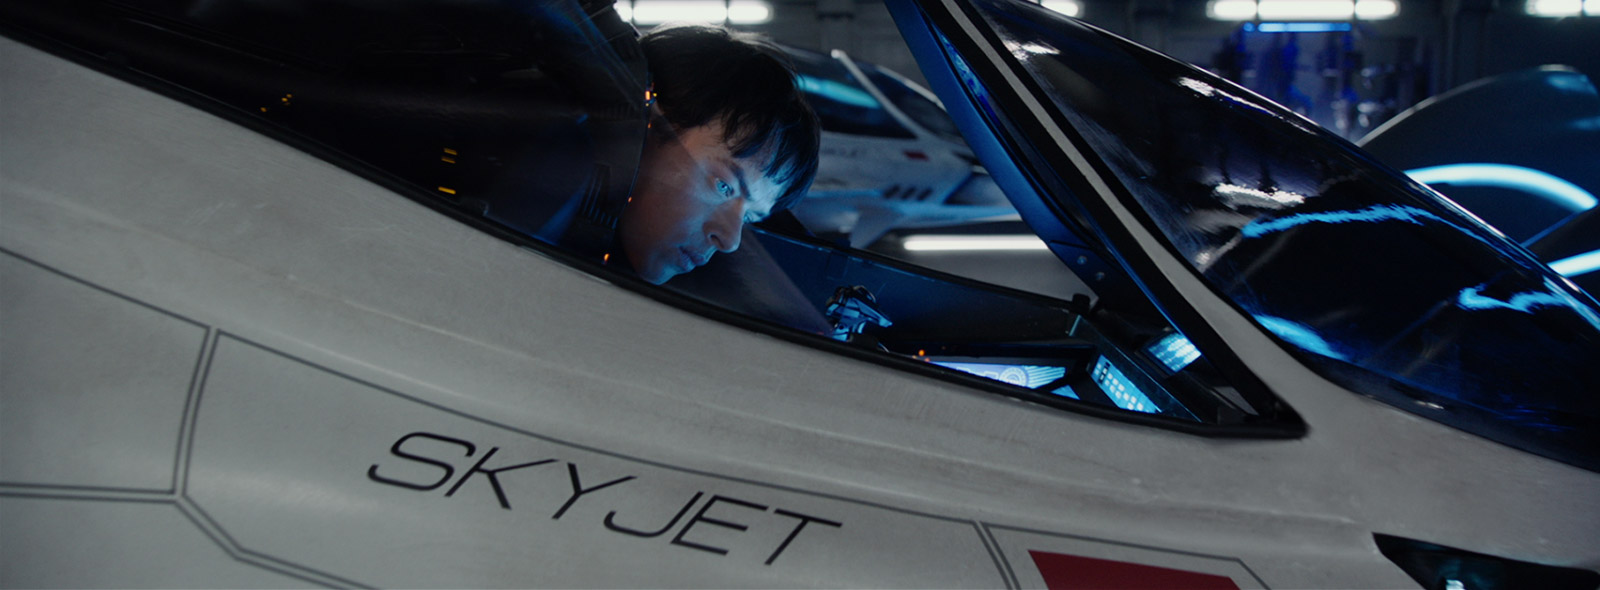 2017 Lexus SKYJET Valerian Gallery Video 03